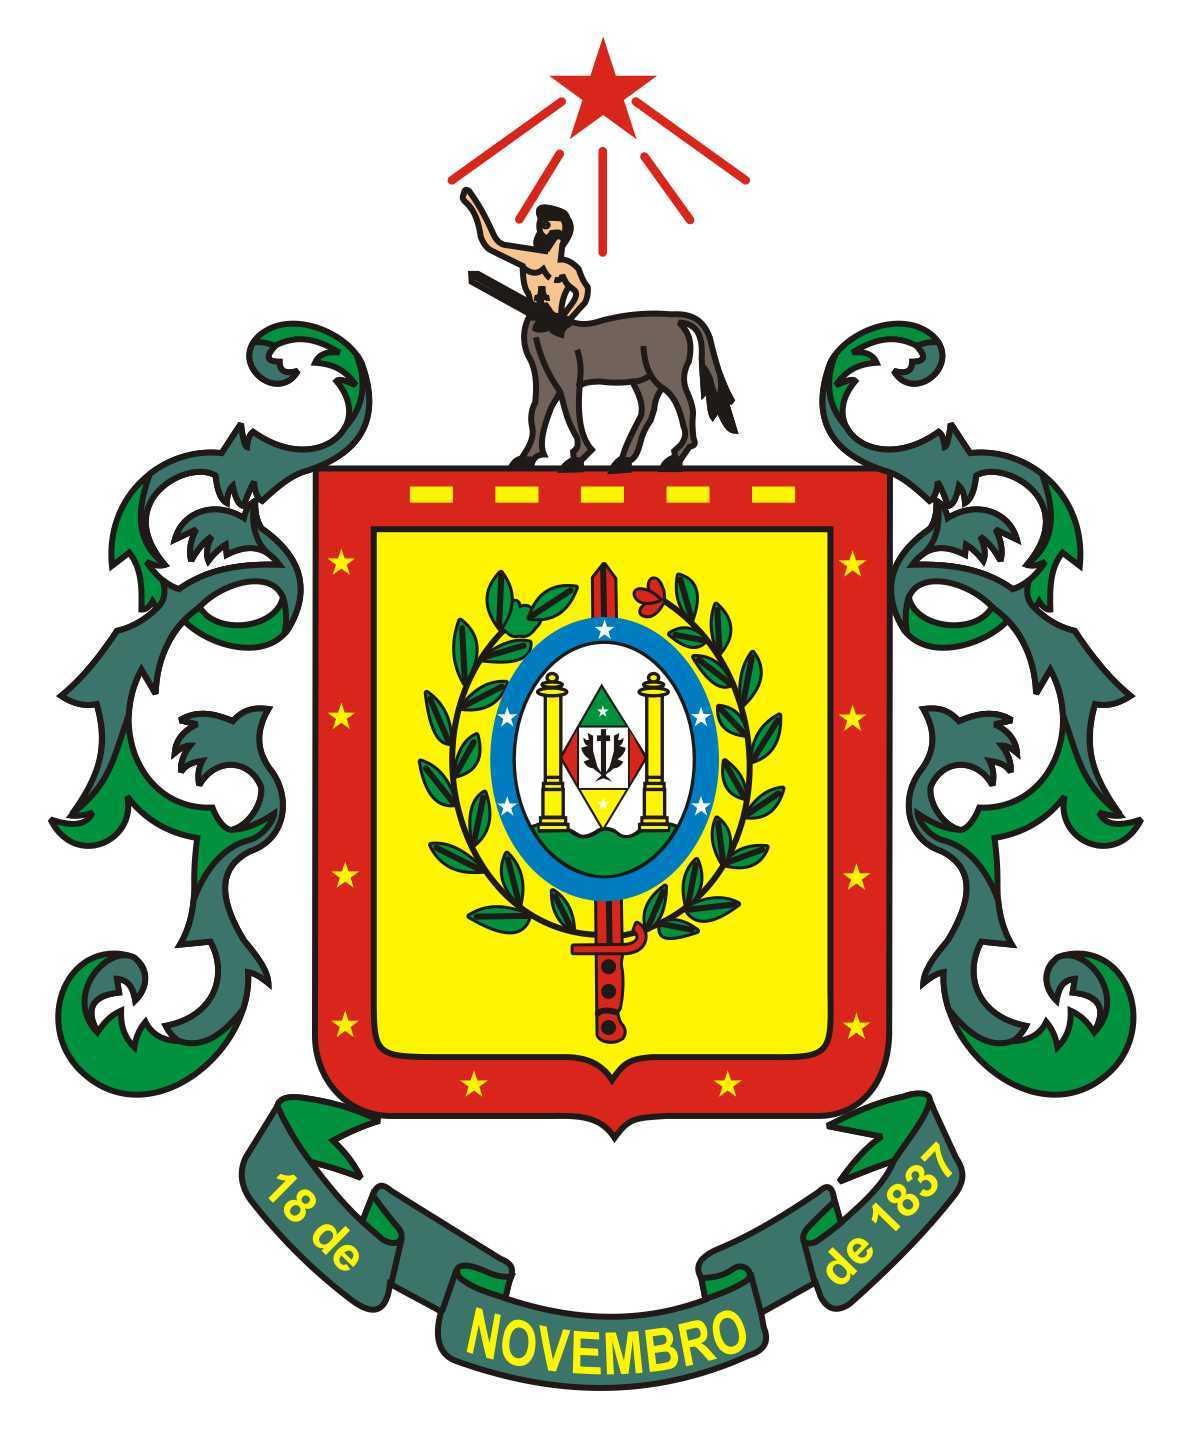 Brigada Militar do Rio Grande do Sul